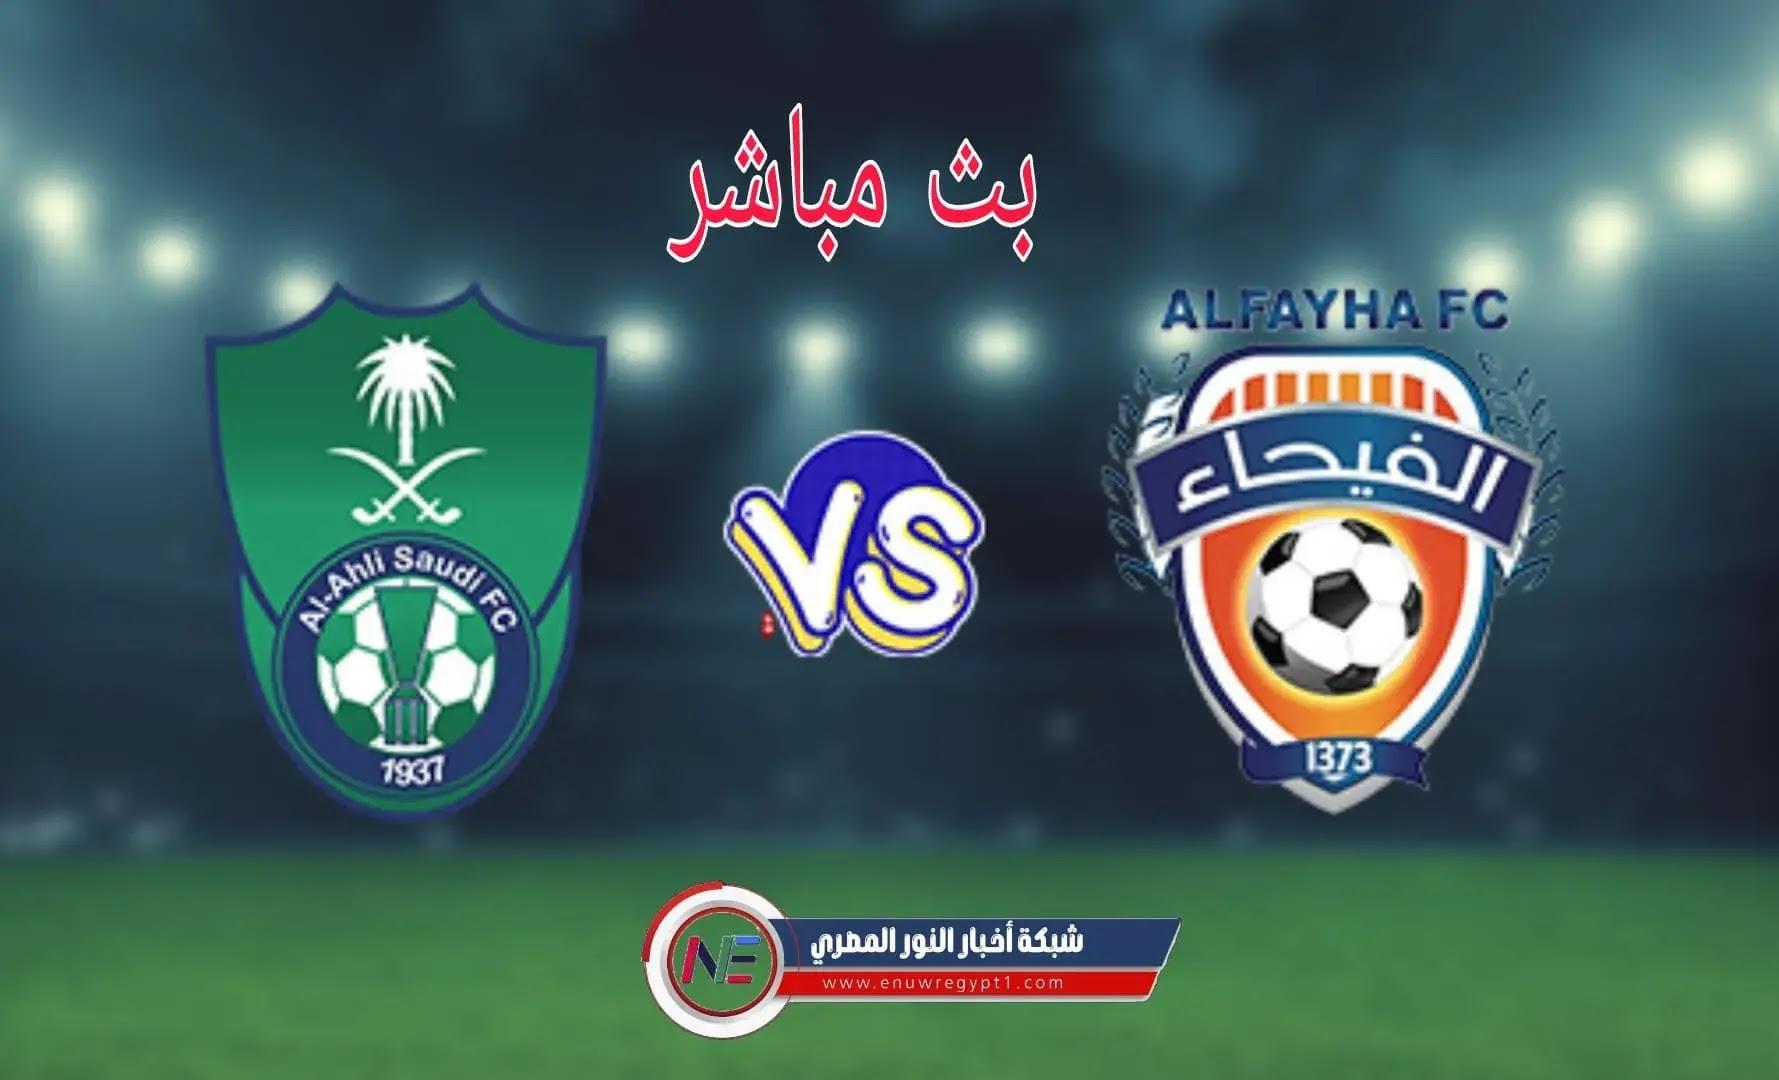 بث مباشر يلا شوت .. مشاهدة مباراة الاهلي ضد الفيحاء بث مباشر بتاريخ اليوم 23-09-2021 في الدوري السعودي